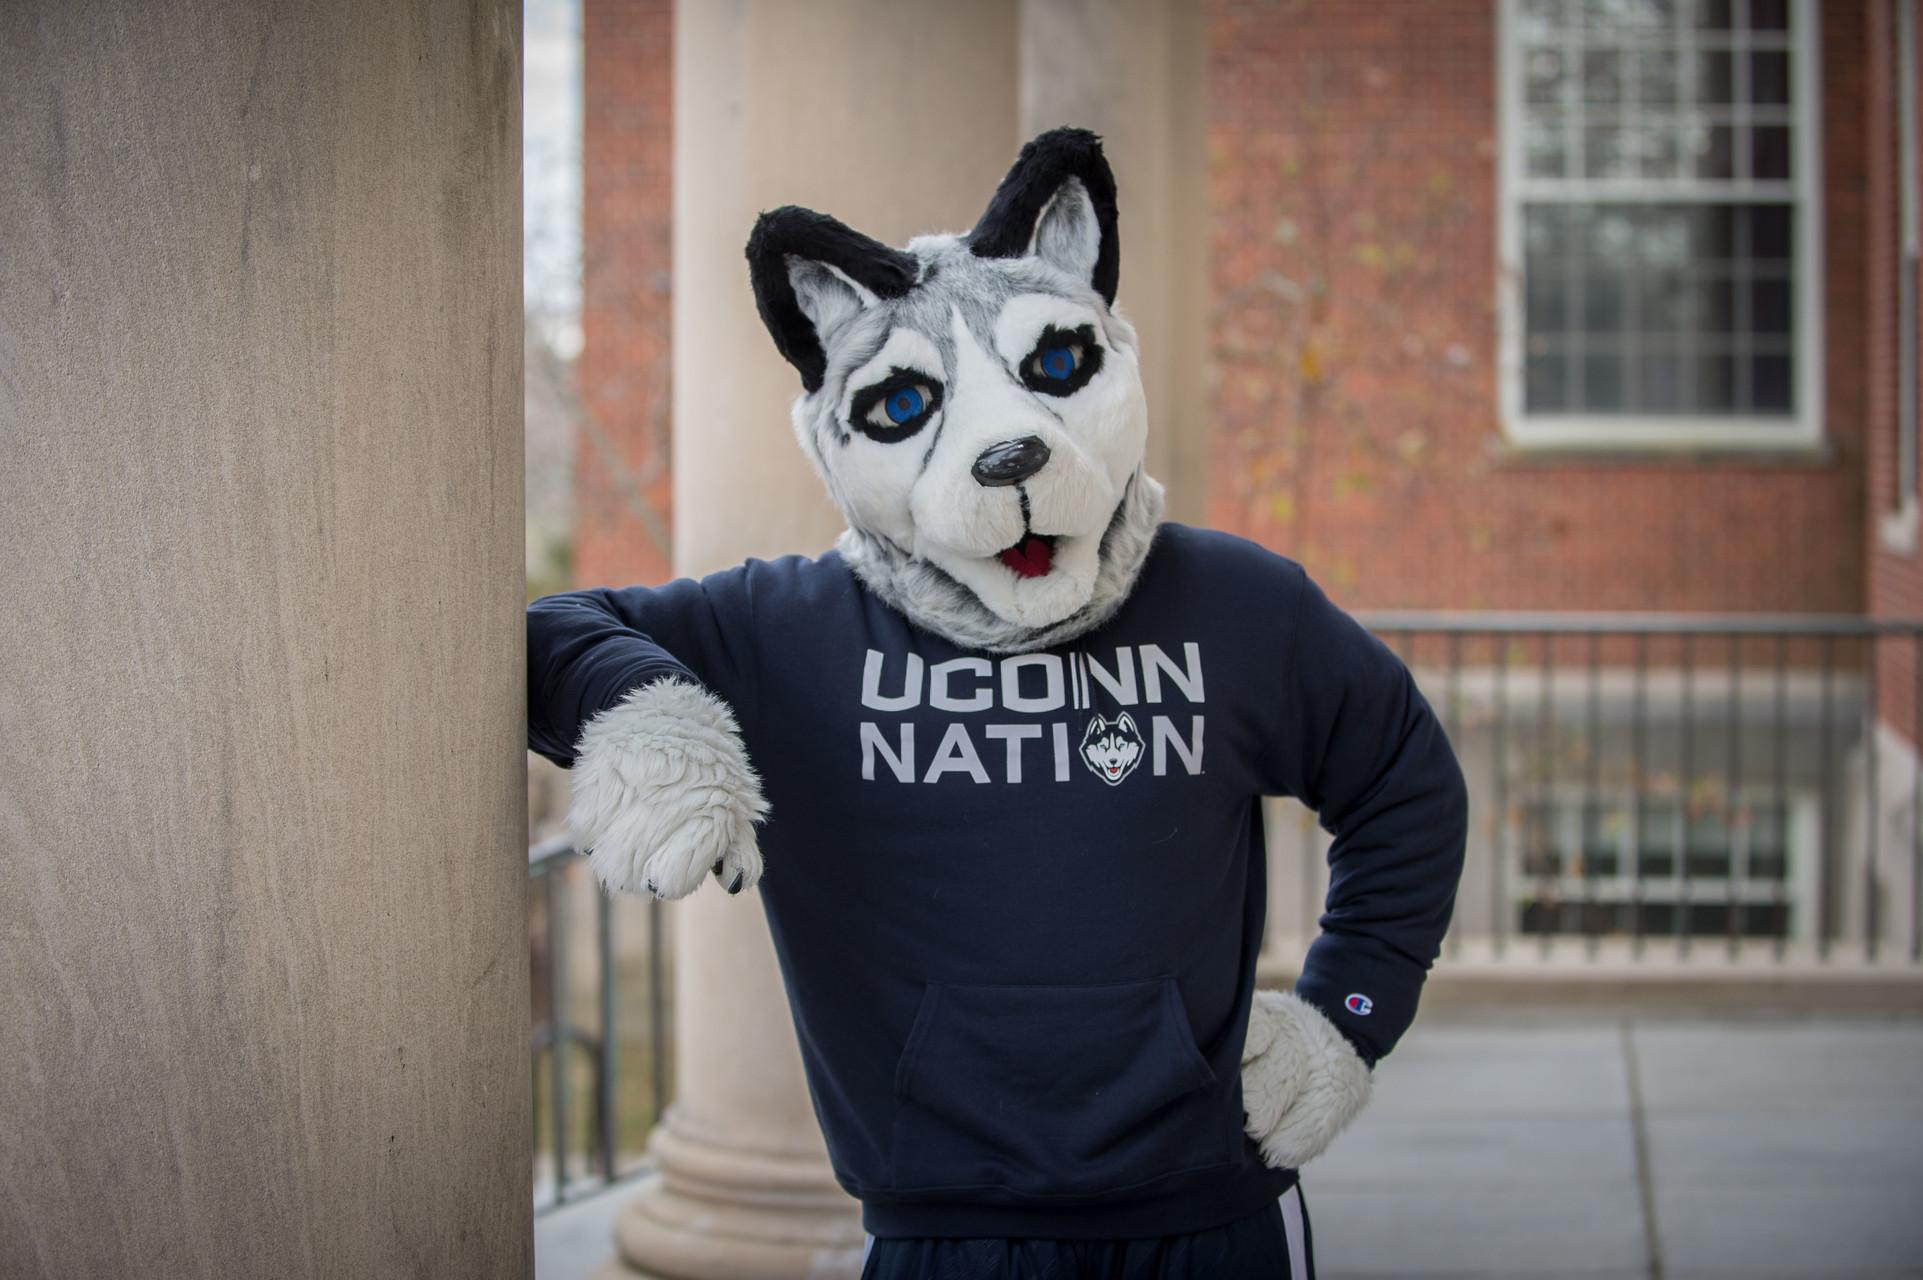 Jonathan Husky Mascot in navy blue UConn Nation Shirt